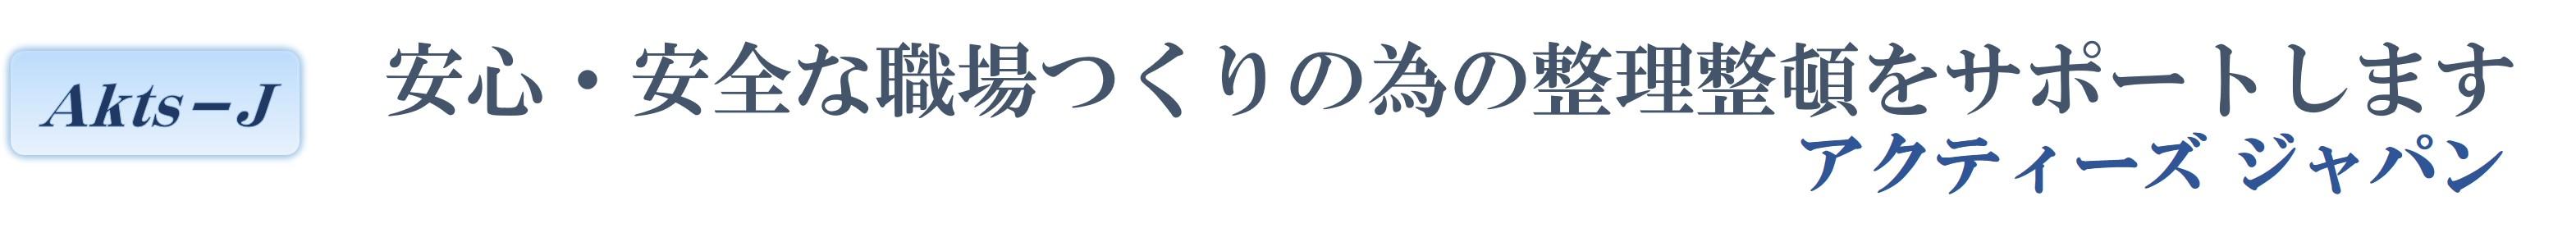 安心・安全な職場つくりをして、作業効率アップ!!/アクティーズ ジャパン